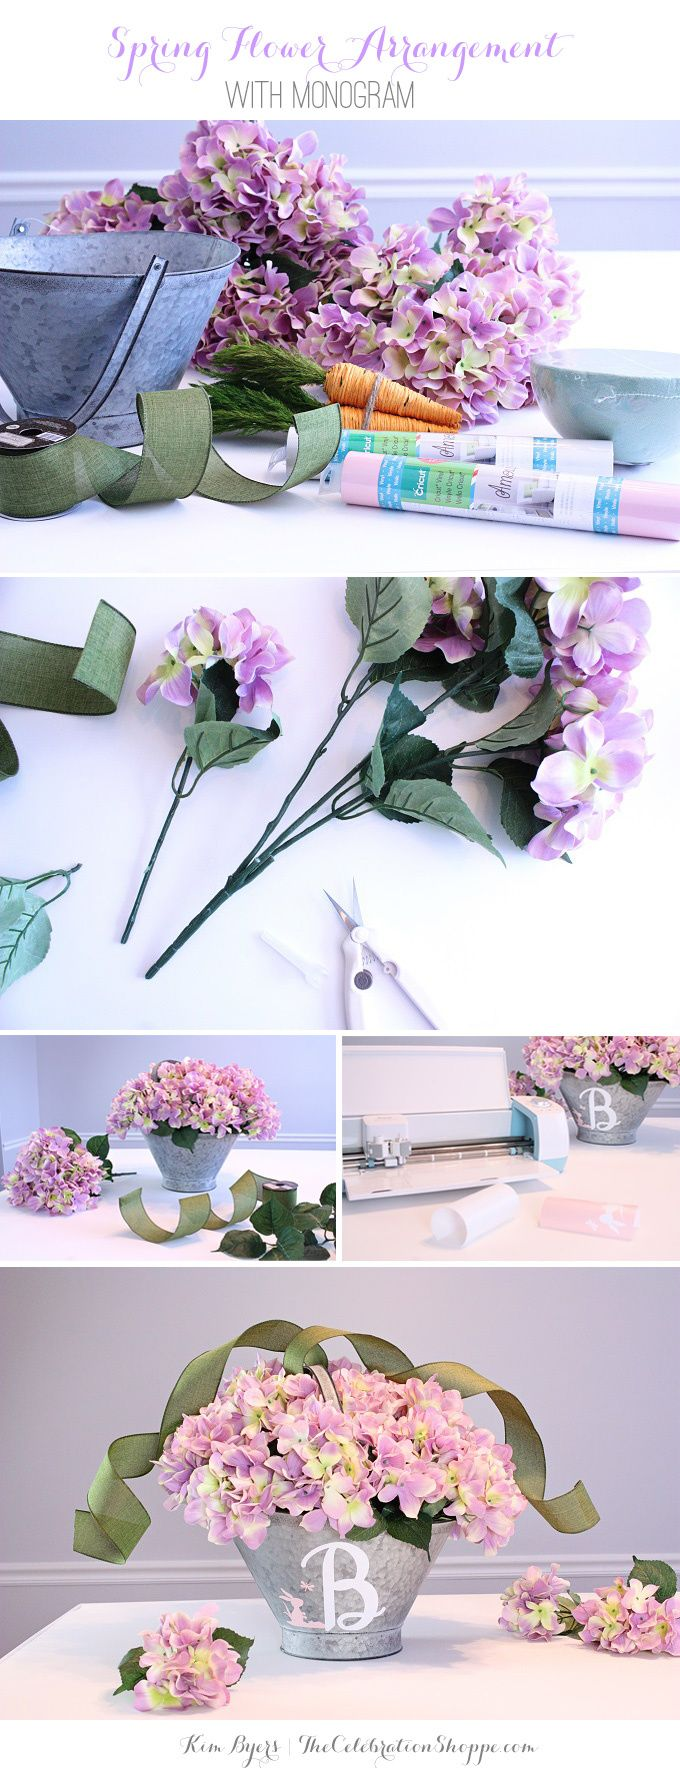 Hydrangea flower arrangement with monogram galvanized